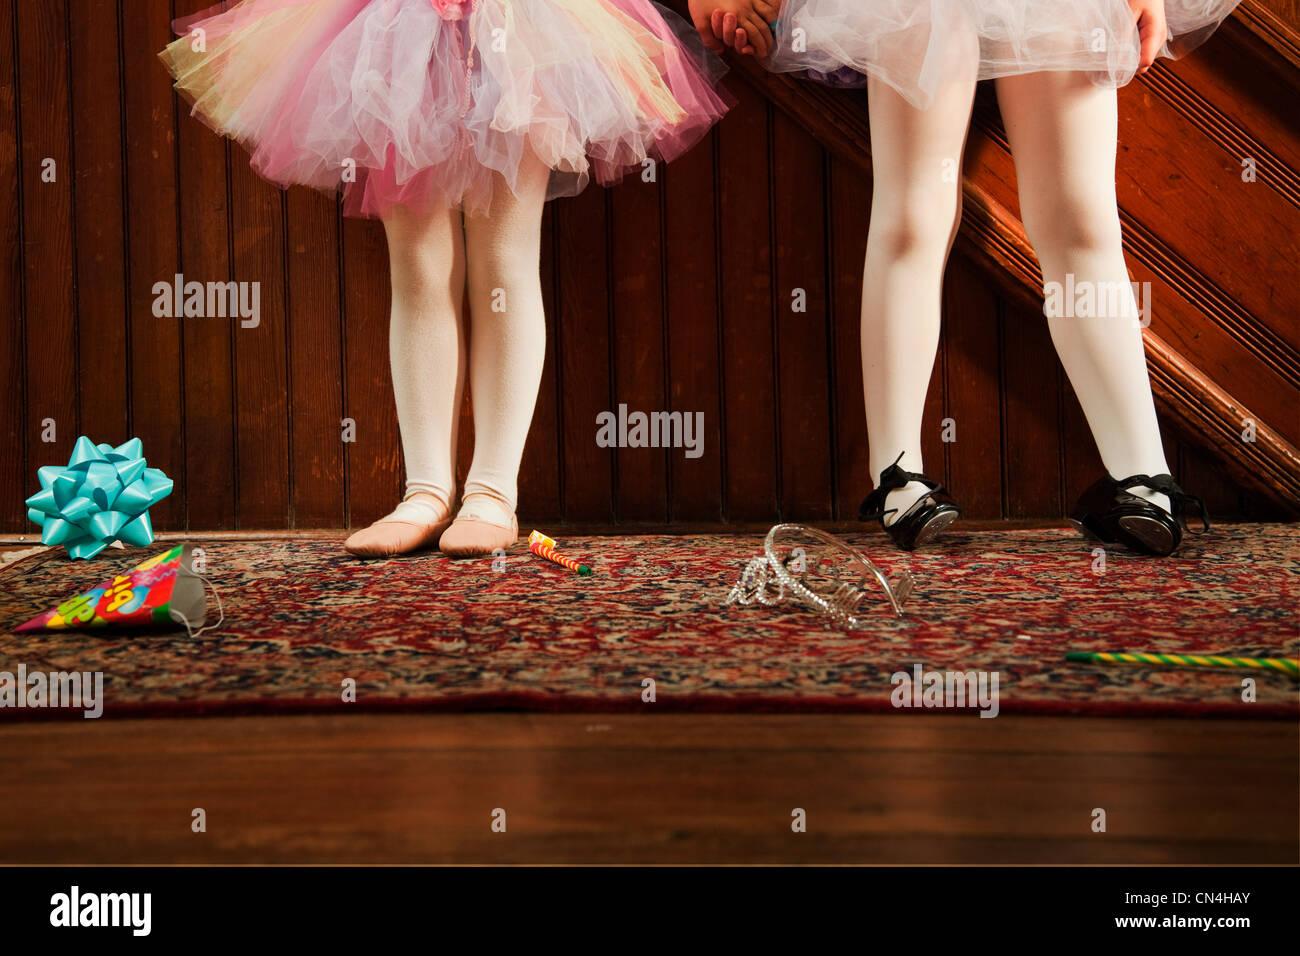 Sezione bassa di ragazze che indossano tutu Immagini Stock